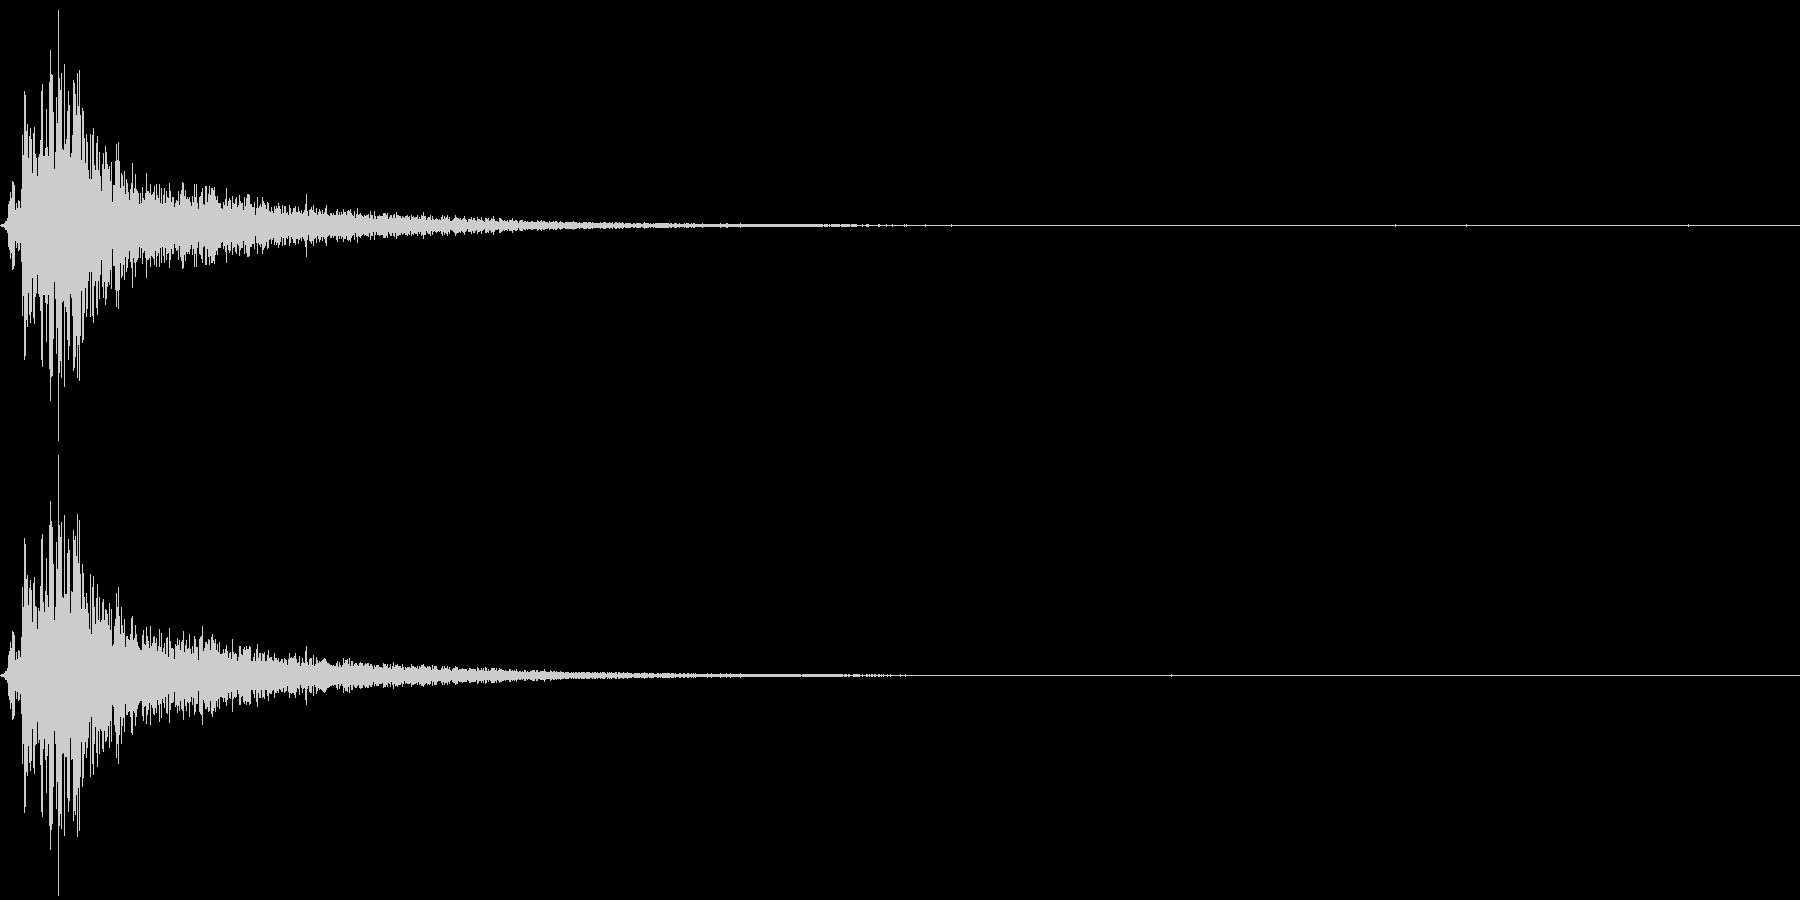 ボウーッ ボシュー 炎 火炎 火球の未再生の波形